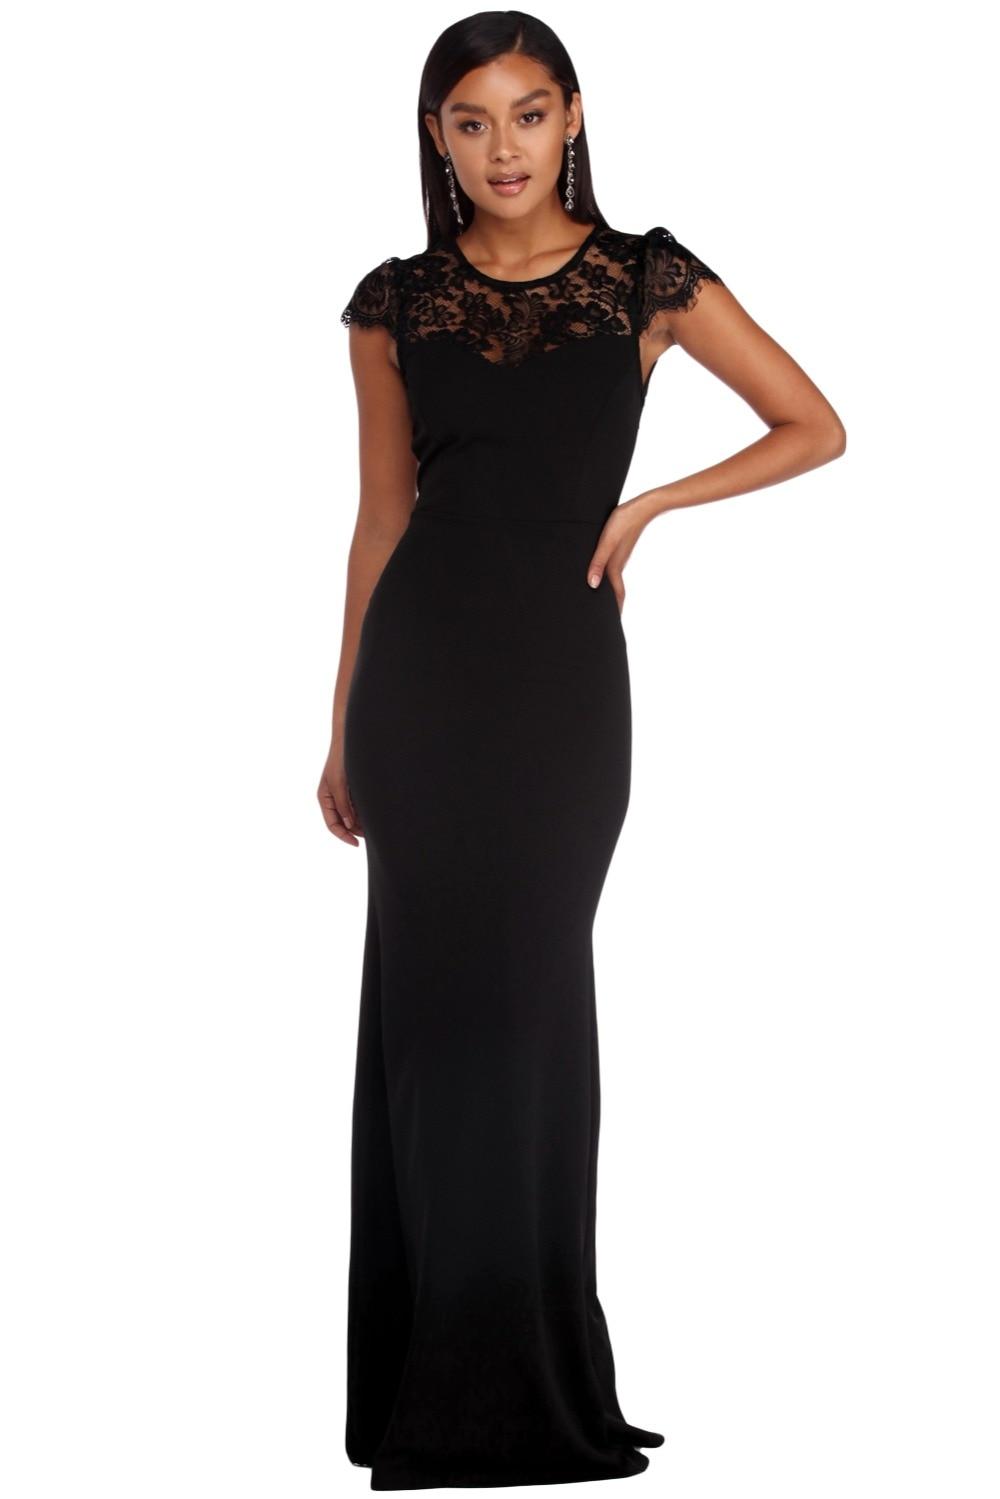 Dlhé spoločenské šaty - eu40 42 088c0daee46